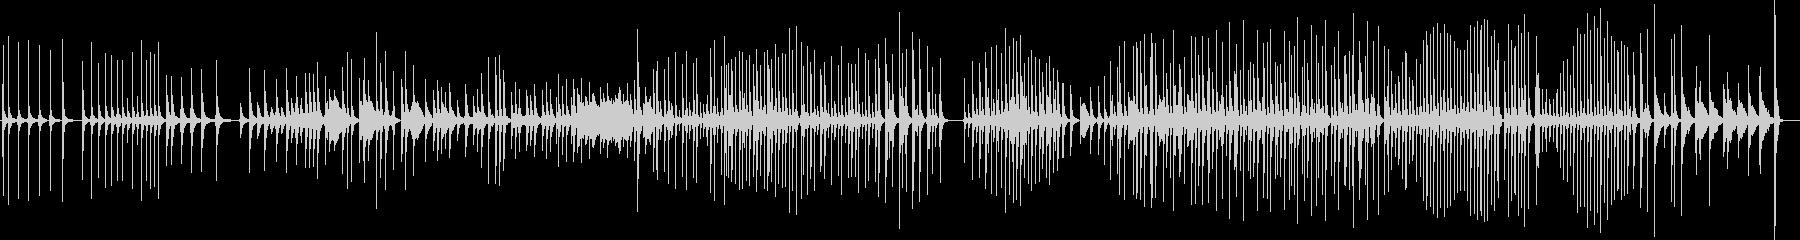 三味線148五条橋3幕三重激しいかっこいの未再生の波形